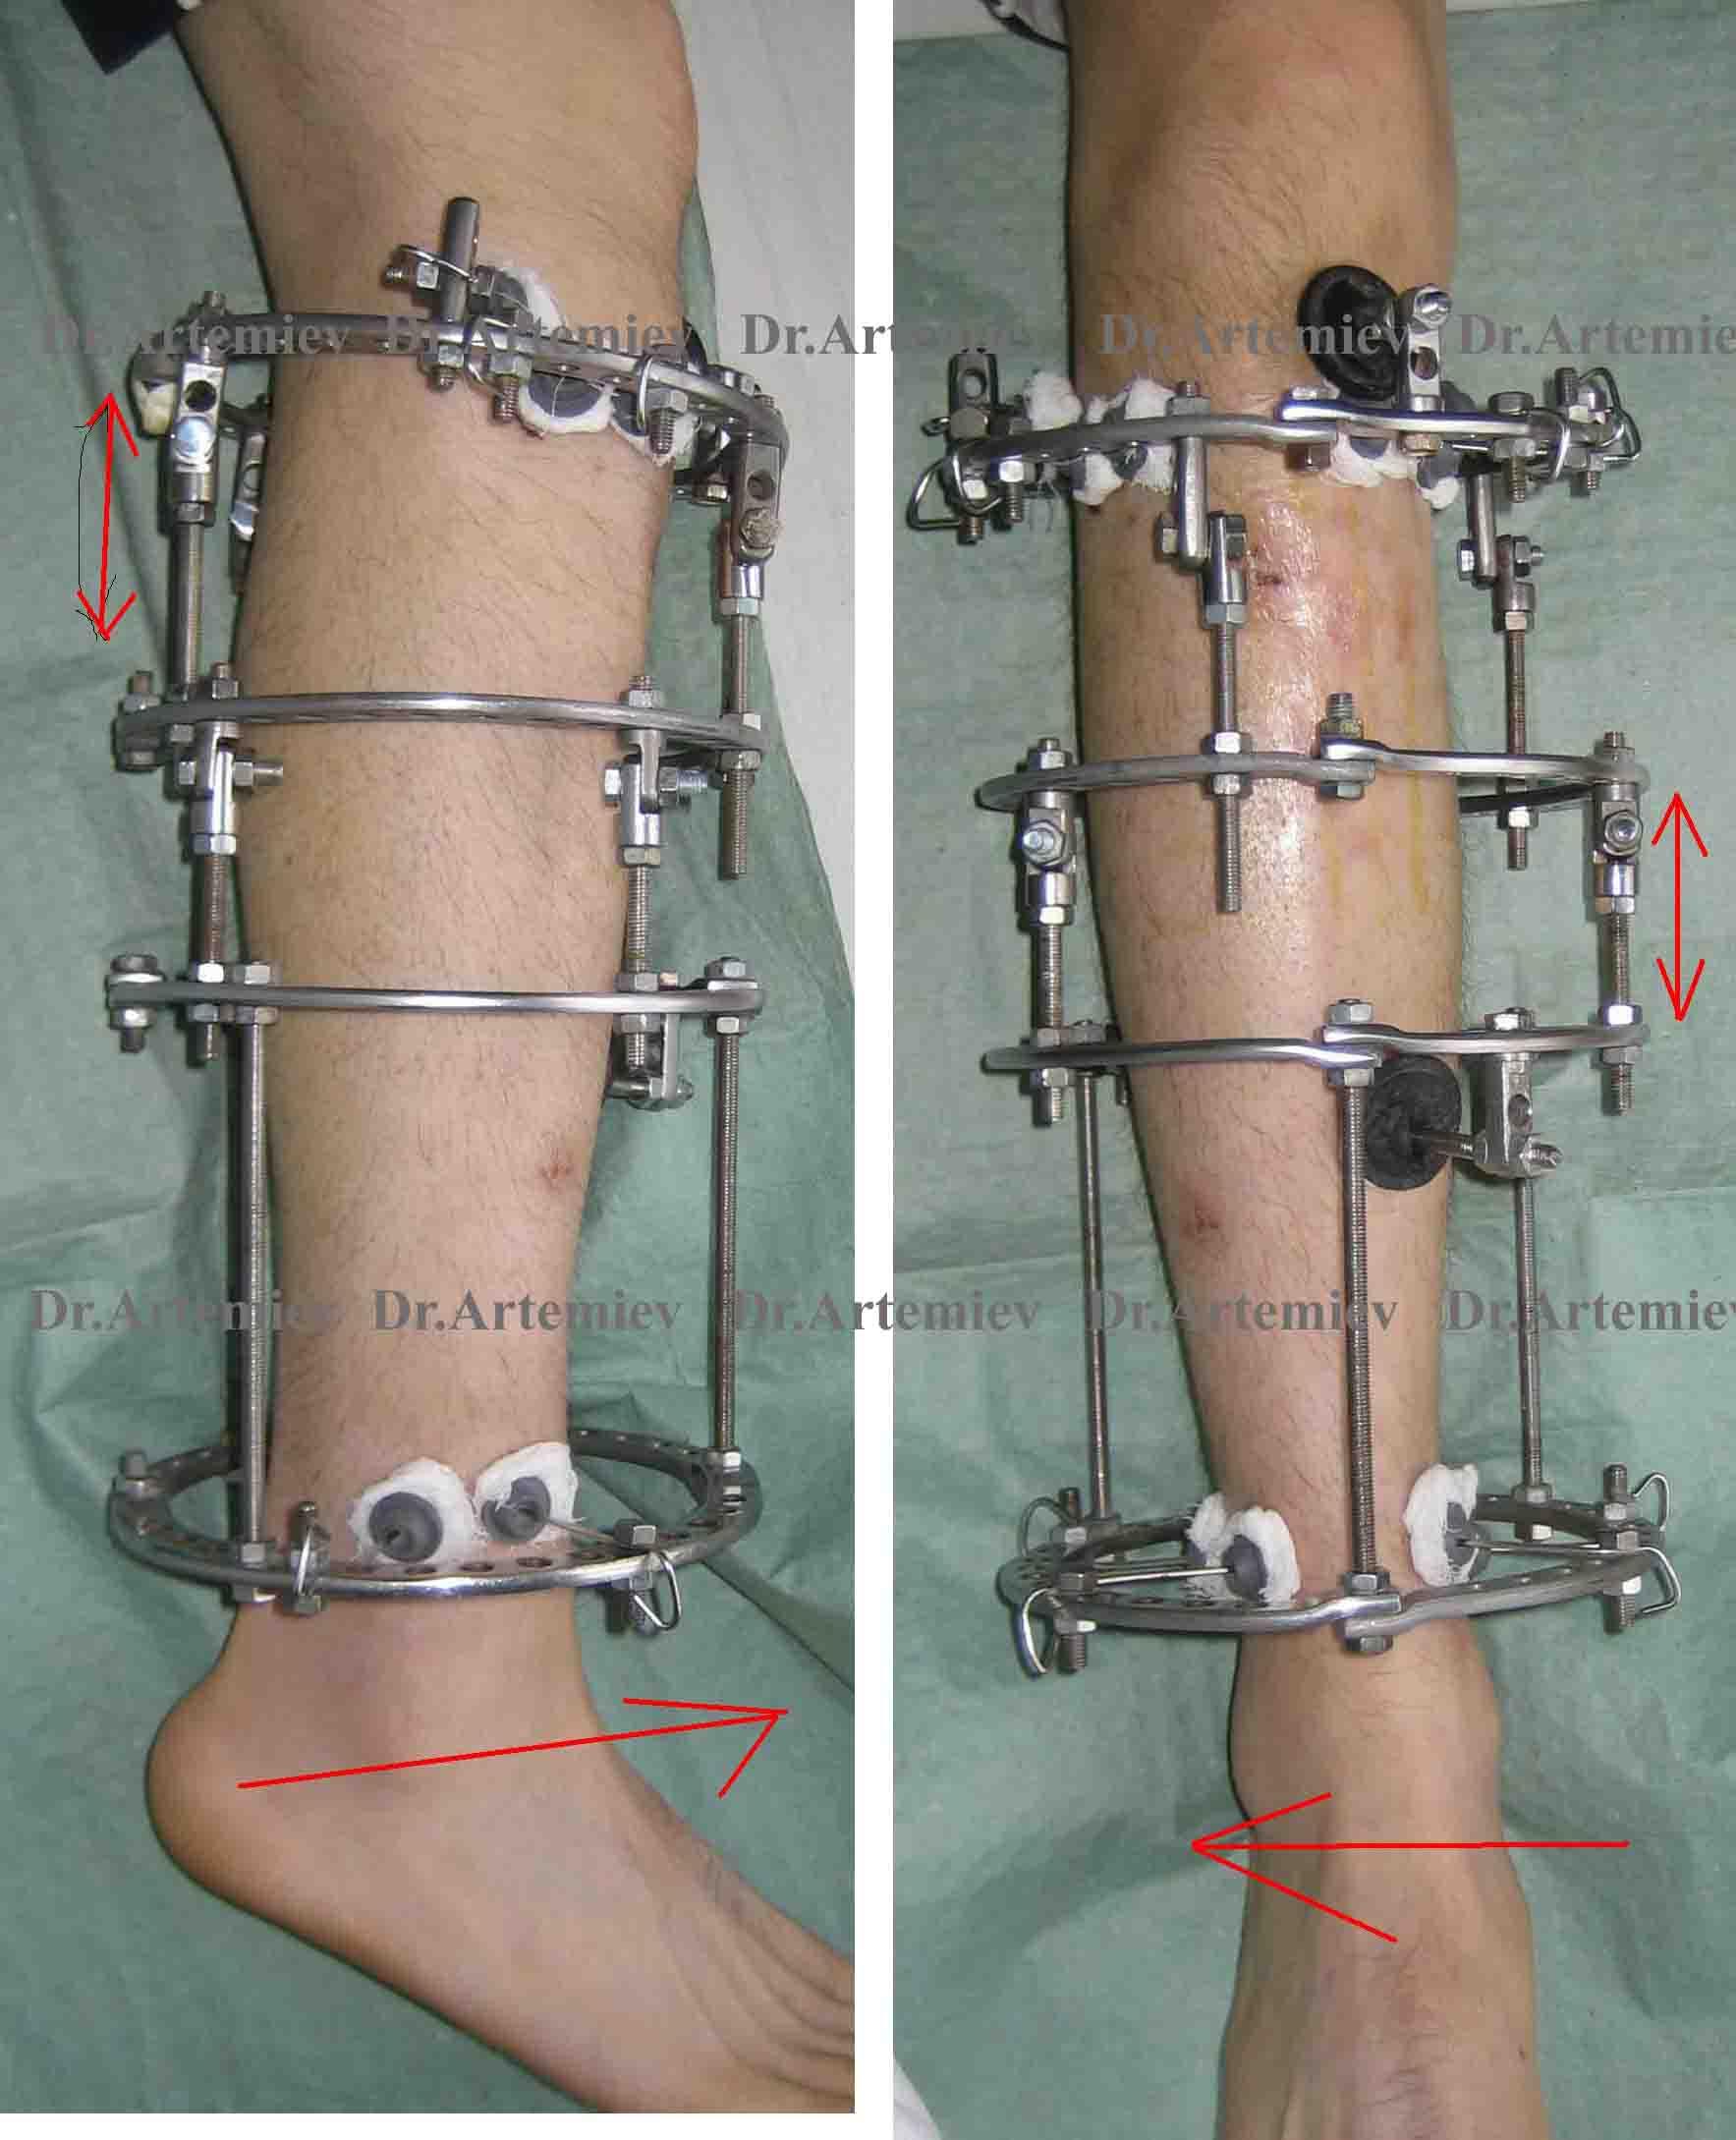 пола прихожей: отек при переломе ноги в аппарате илизарова рейтинг самых